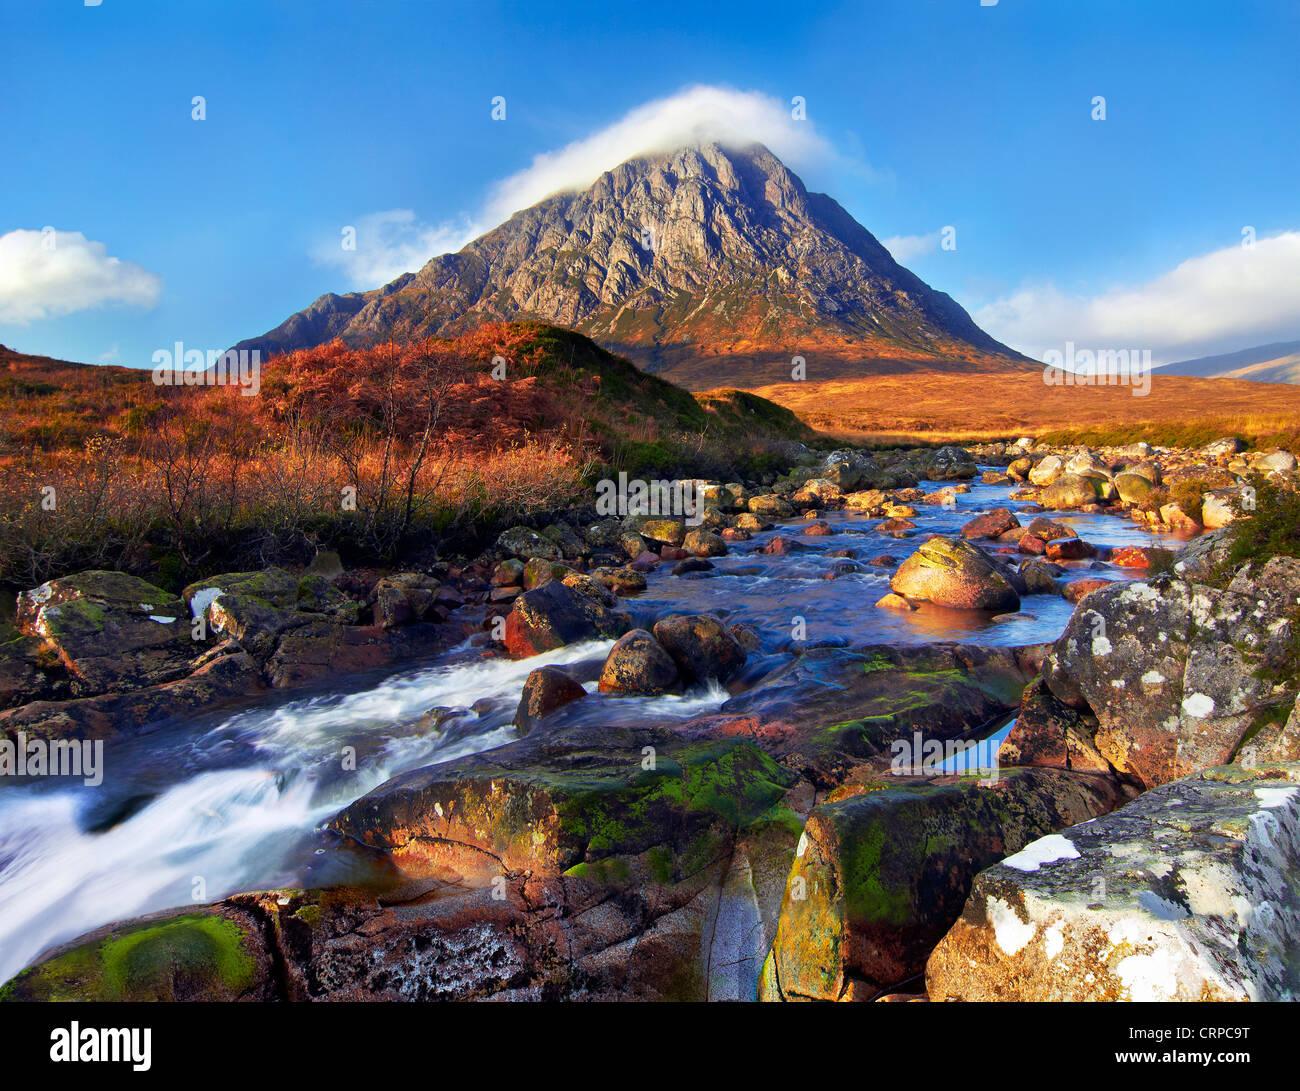 Vistas sobre el río Etive hacia Buachaille Etive Mor, una de las más reconocibles montañas en Escocia. Foto de stock